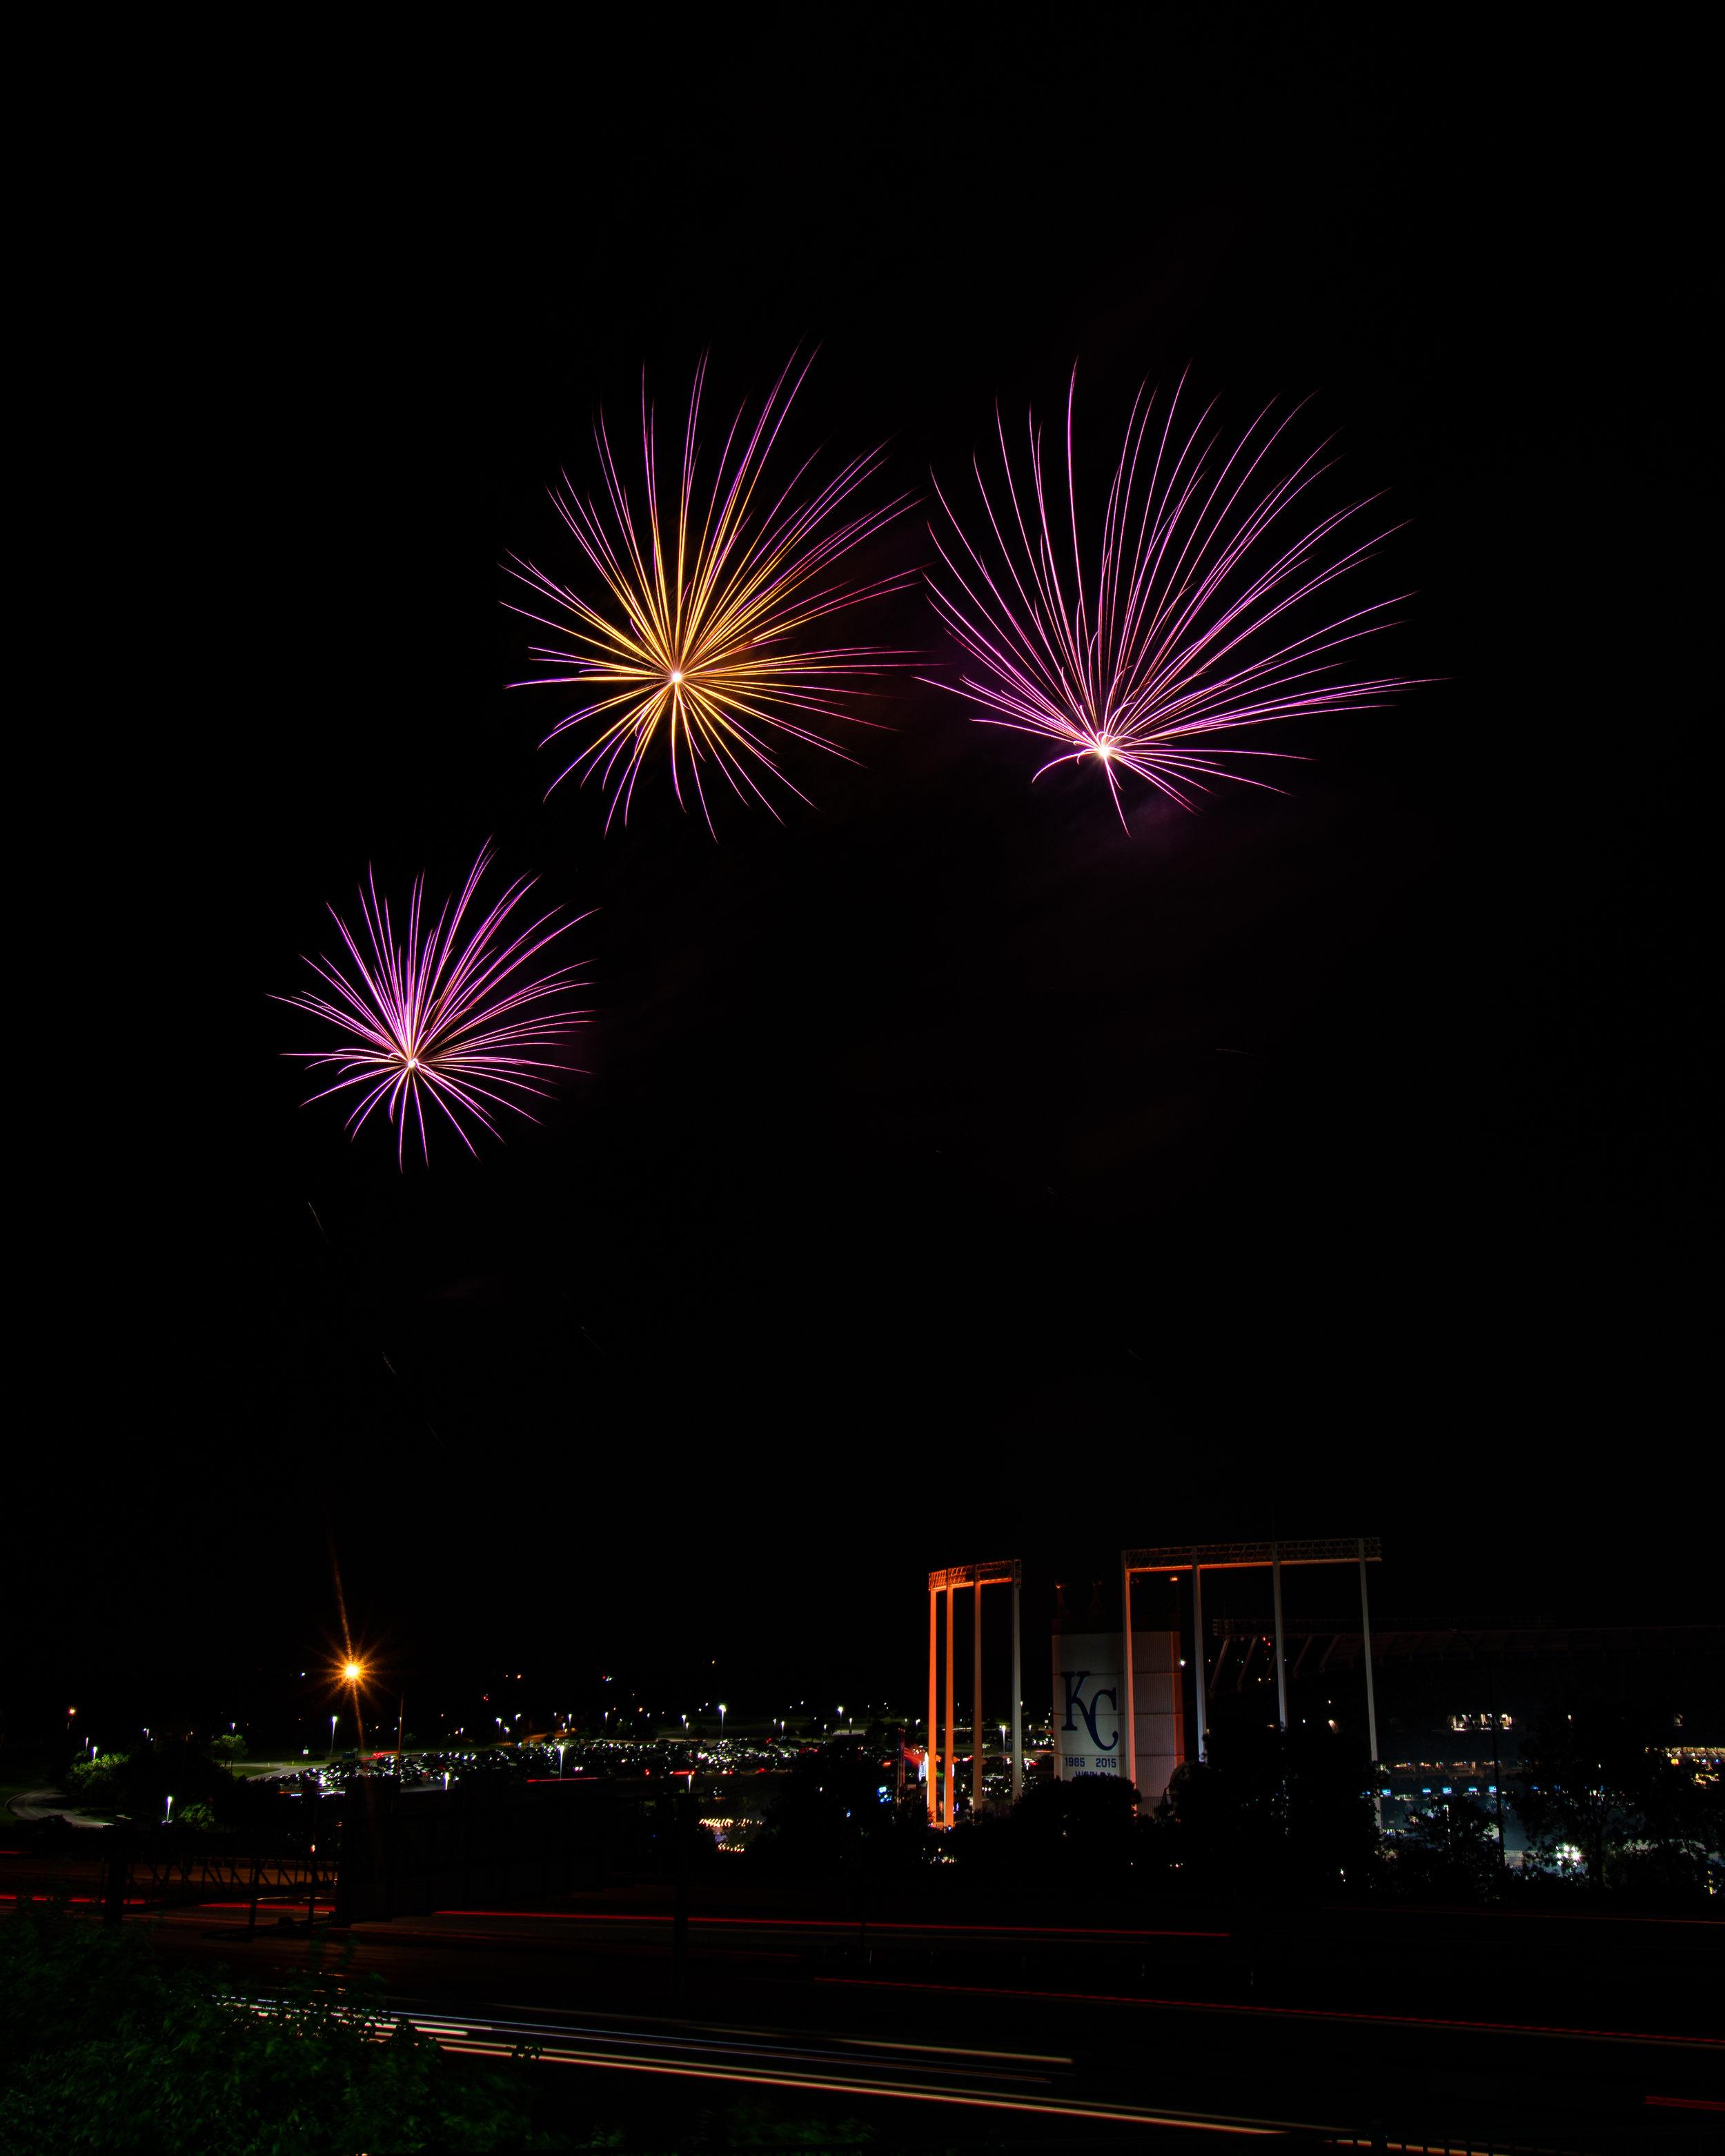 firework-friday-16-of-51_48108323113_o.jpg